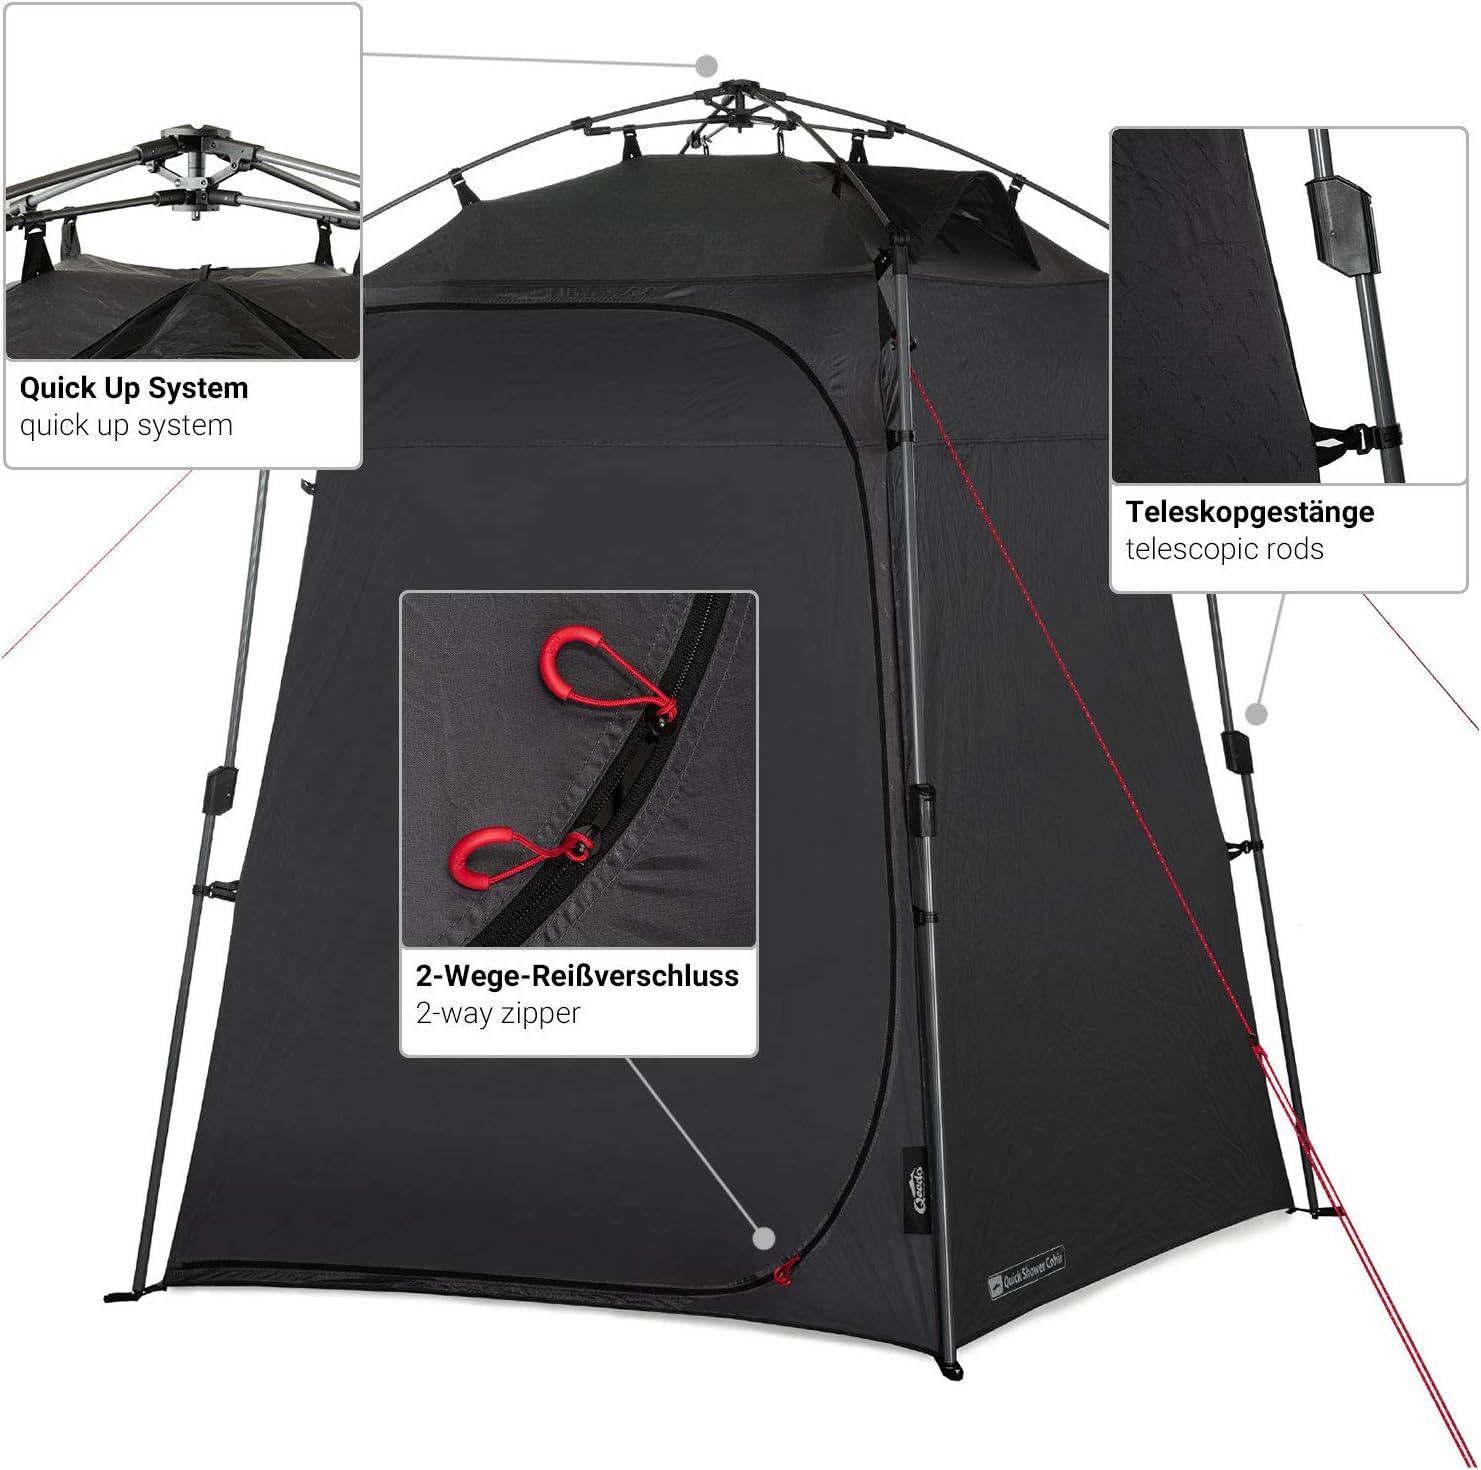 Opaca Tienda de Ducha y caseta de Camping 2 m de Altura Cabina de Ducha Qeedo Quick Shower Cabin